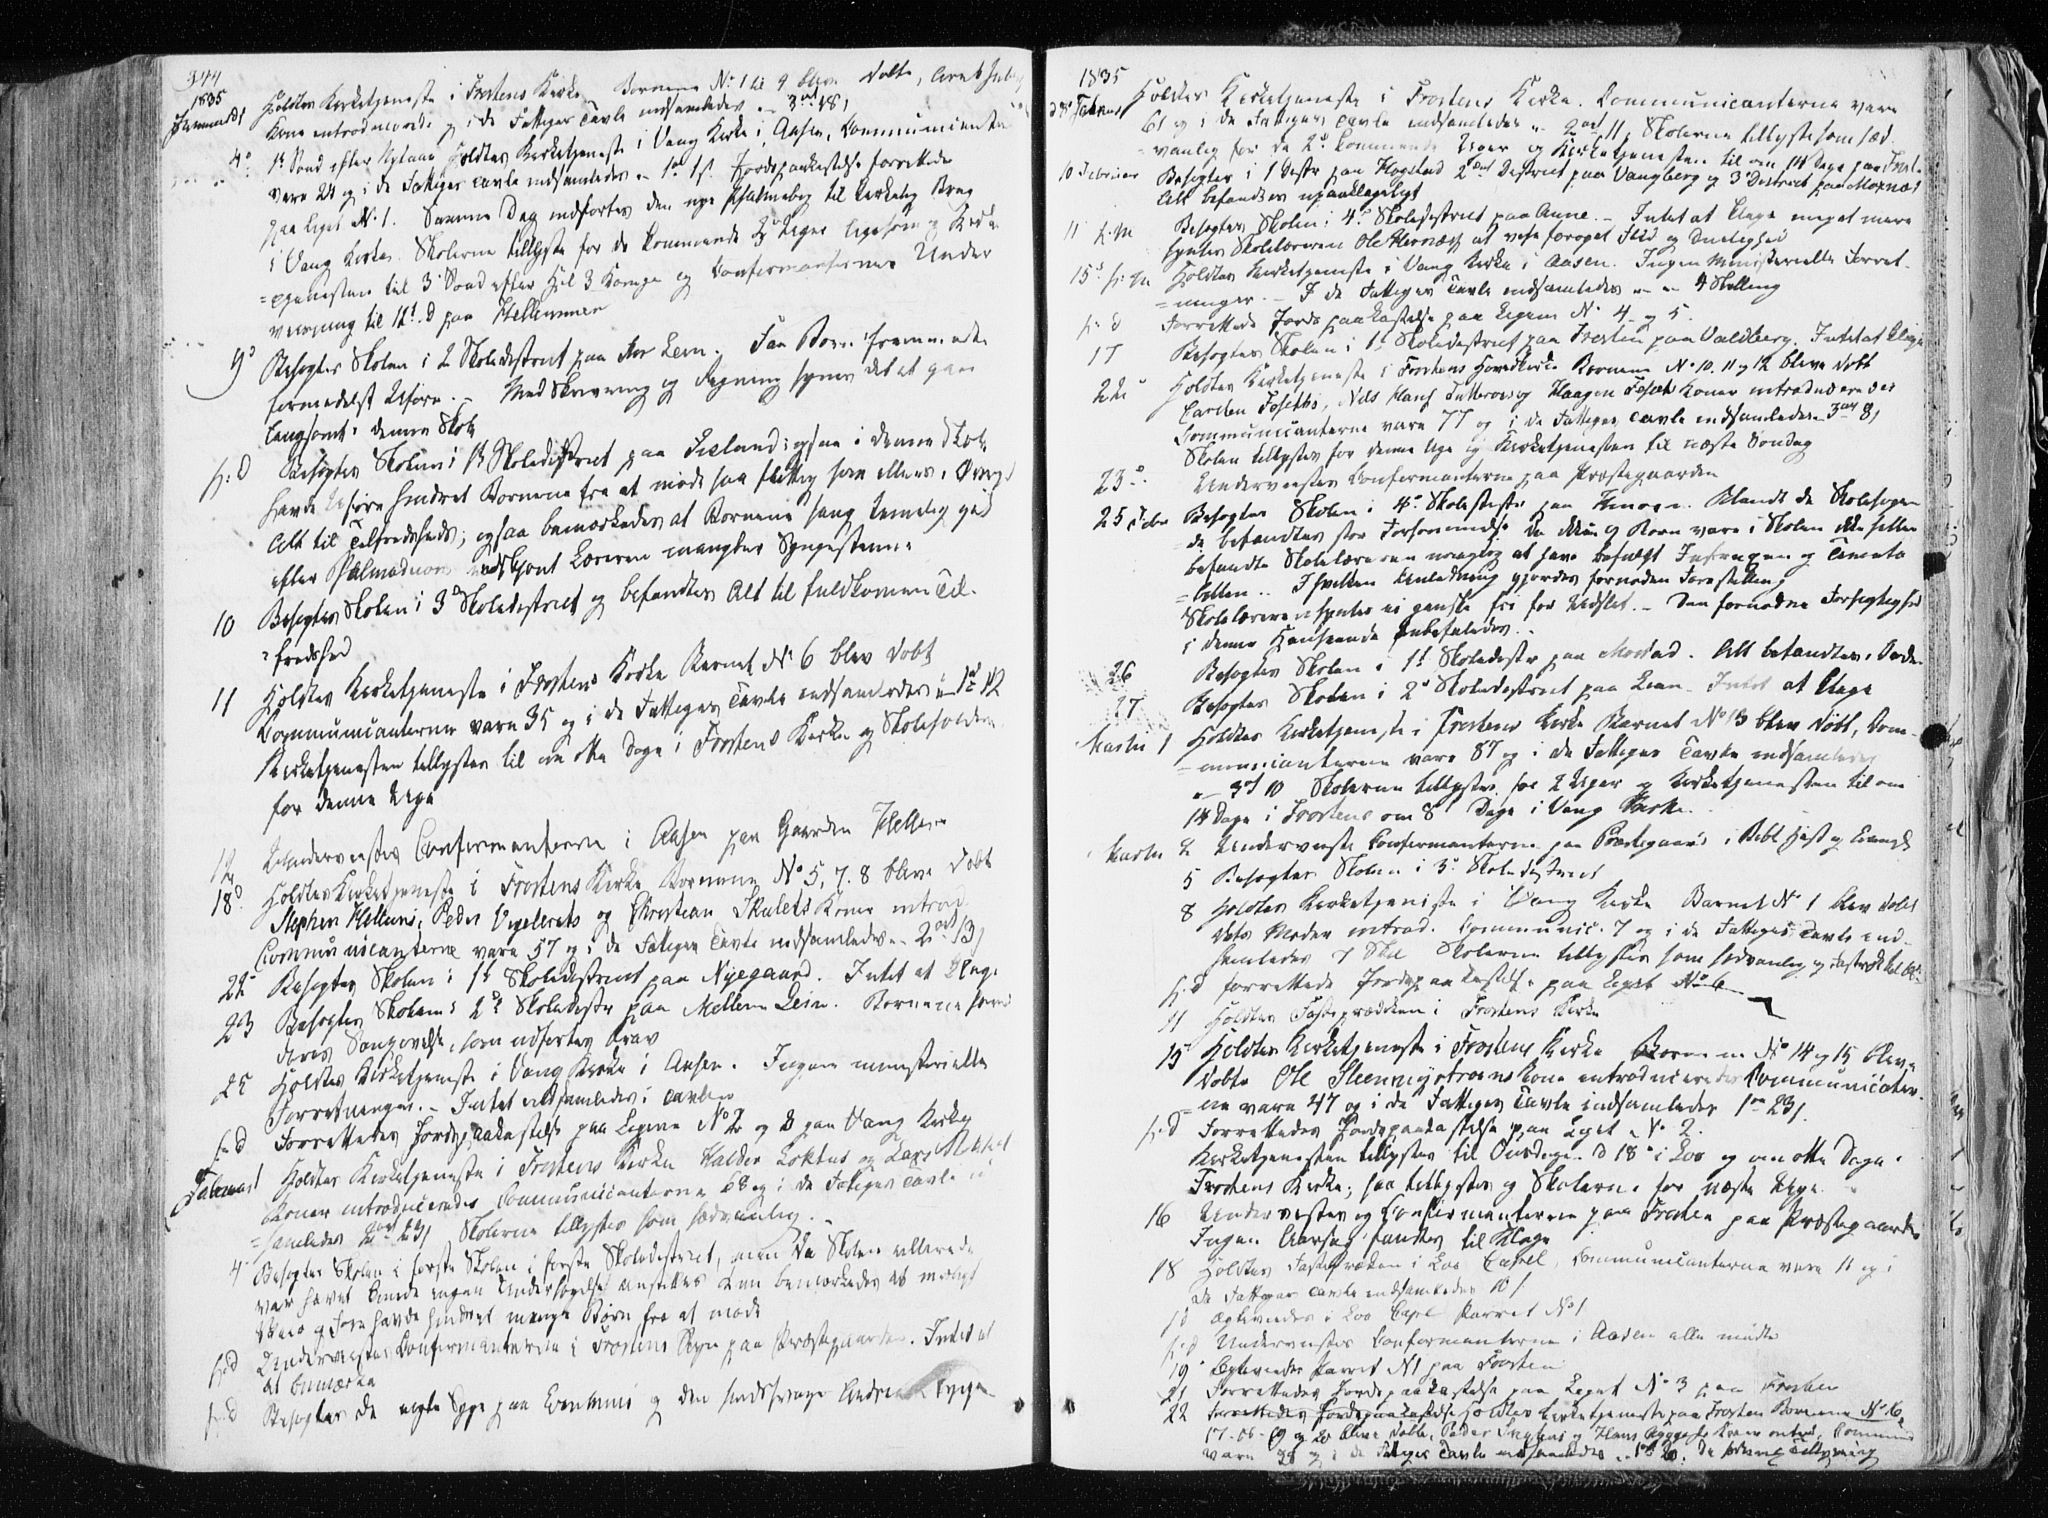 SAT, Ministerialprotokoller, klokkerbøker og fødselsregistre - Nord-Trøndelag, 713/L0114: Ministerialbok nr. 713A05, 1827-1839, s. 344